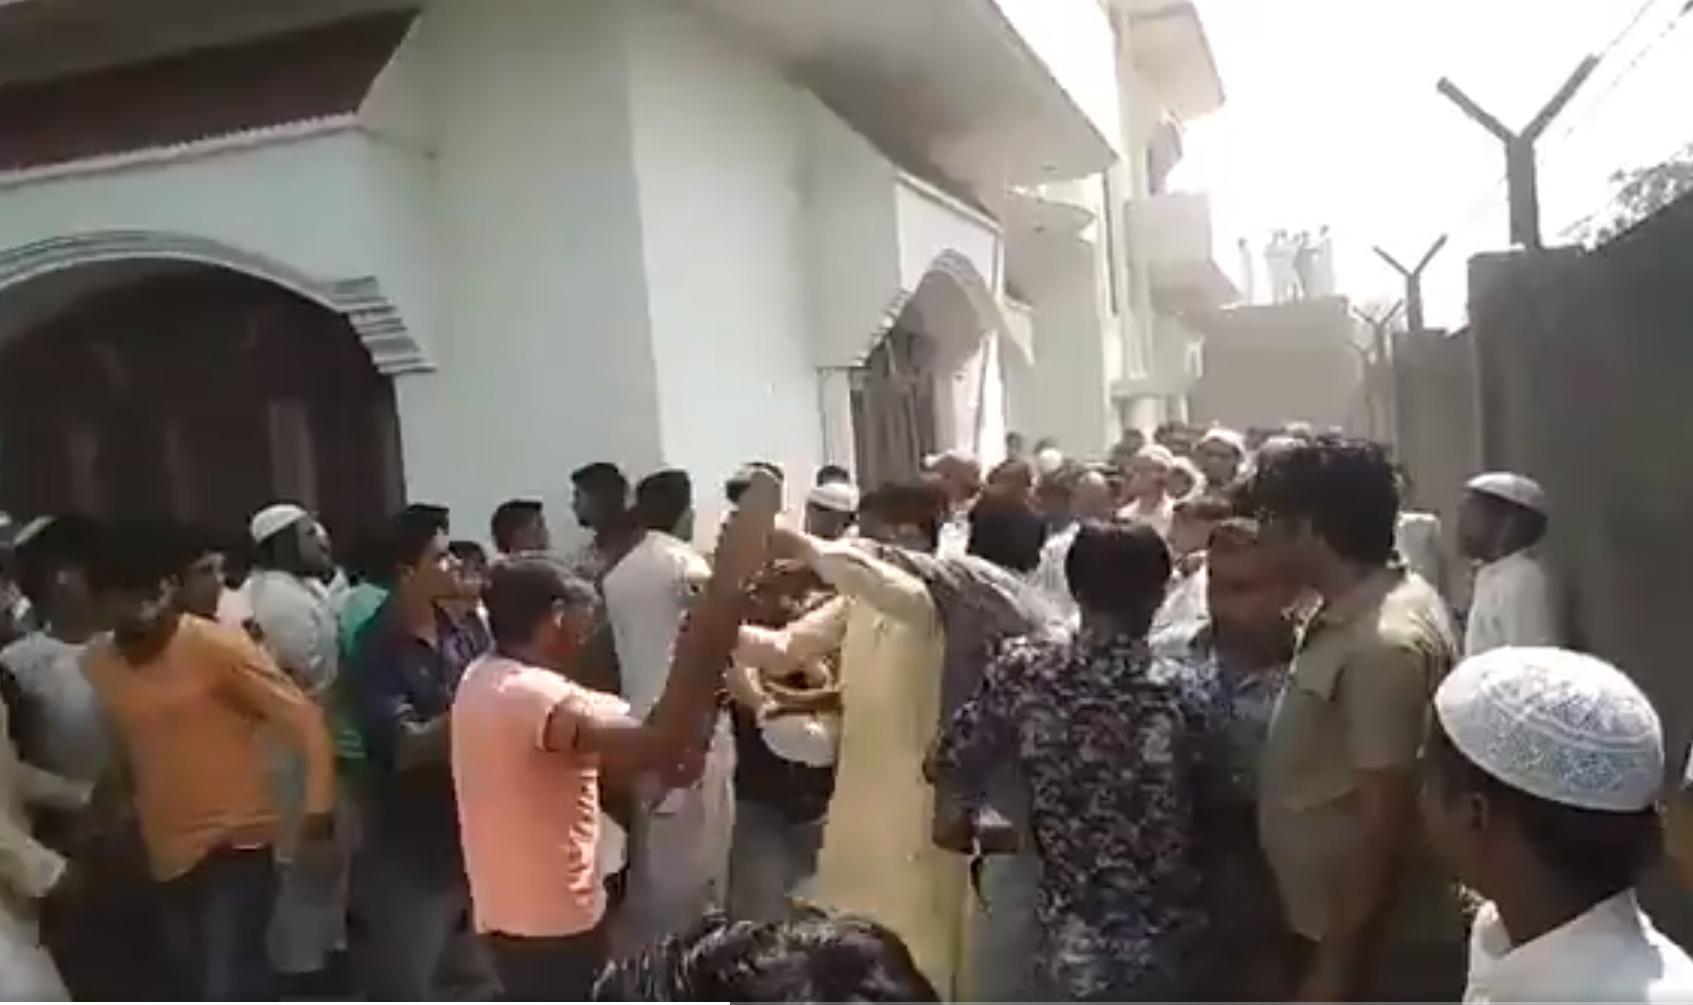 பிரியாணிக்காகக் காங்கிரஸ் தொண்டர்கள் அடிதடி